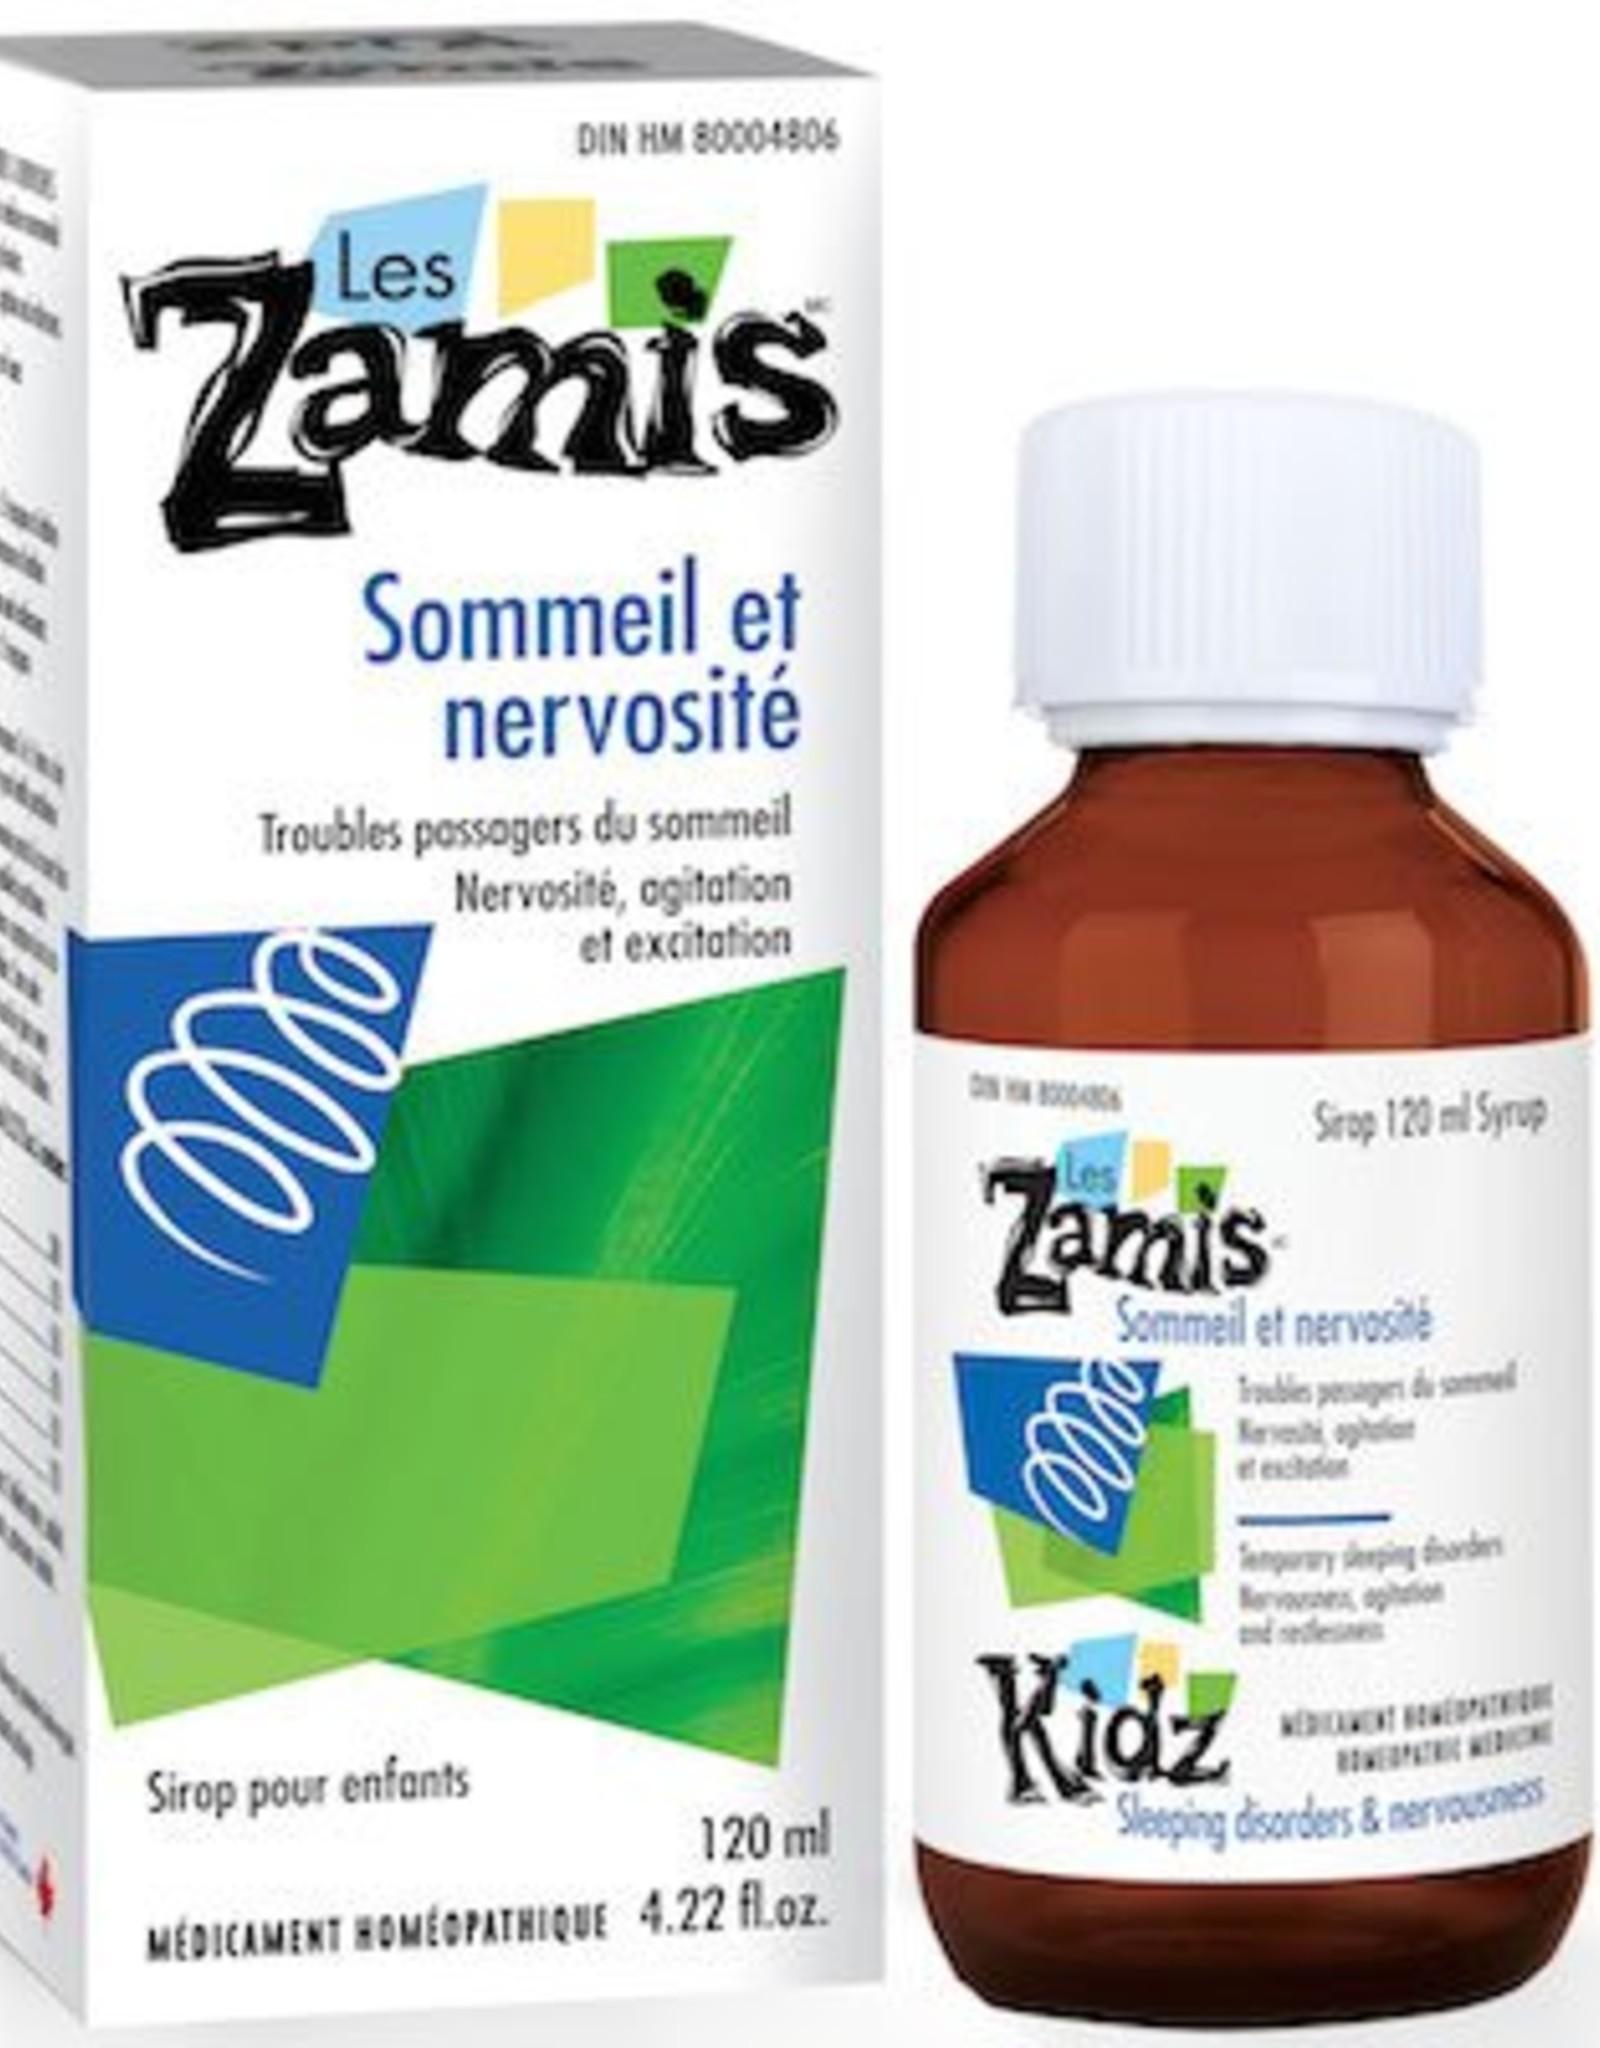 Les Zamis Sommeil et nervosité 120 ml